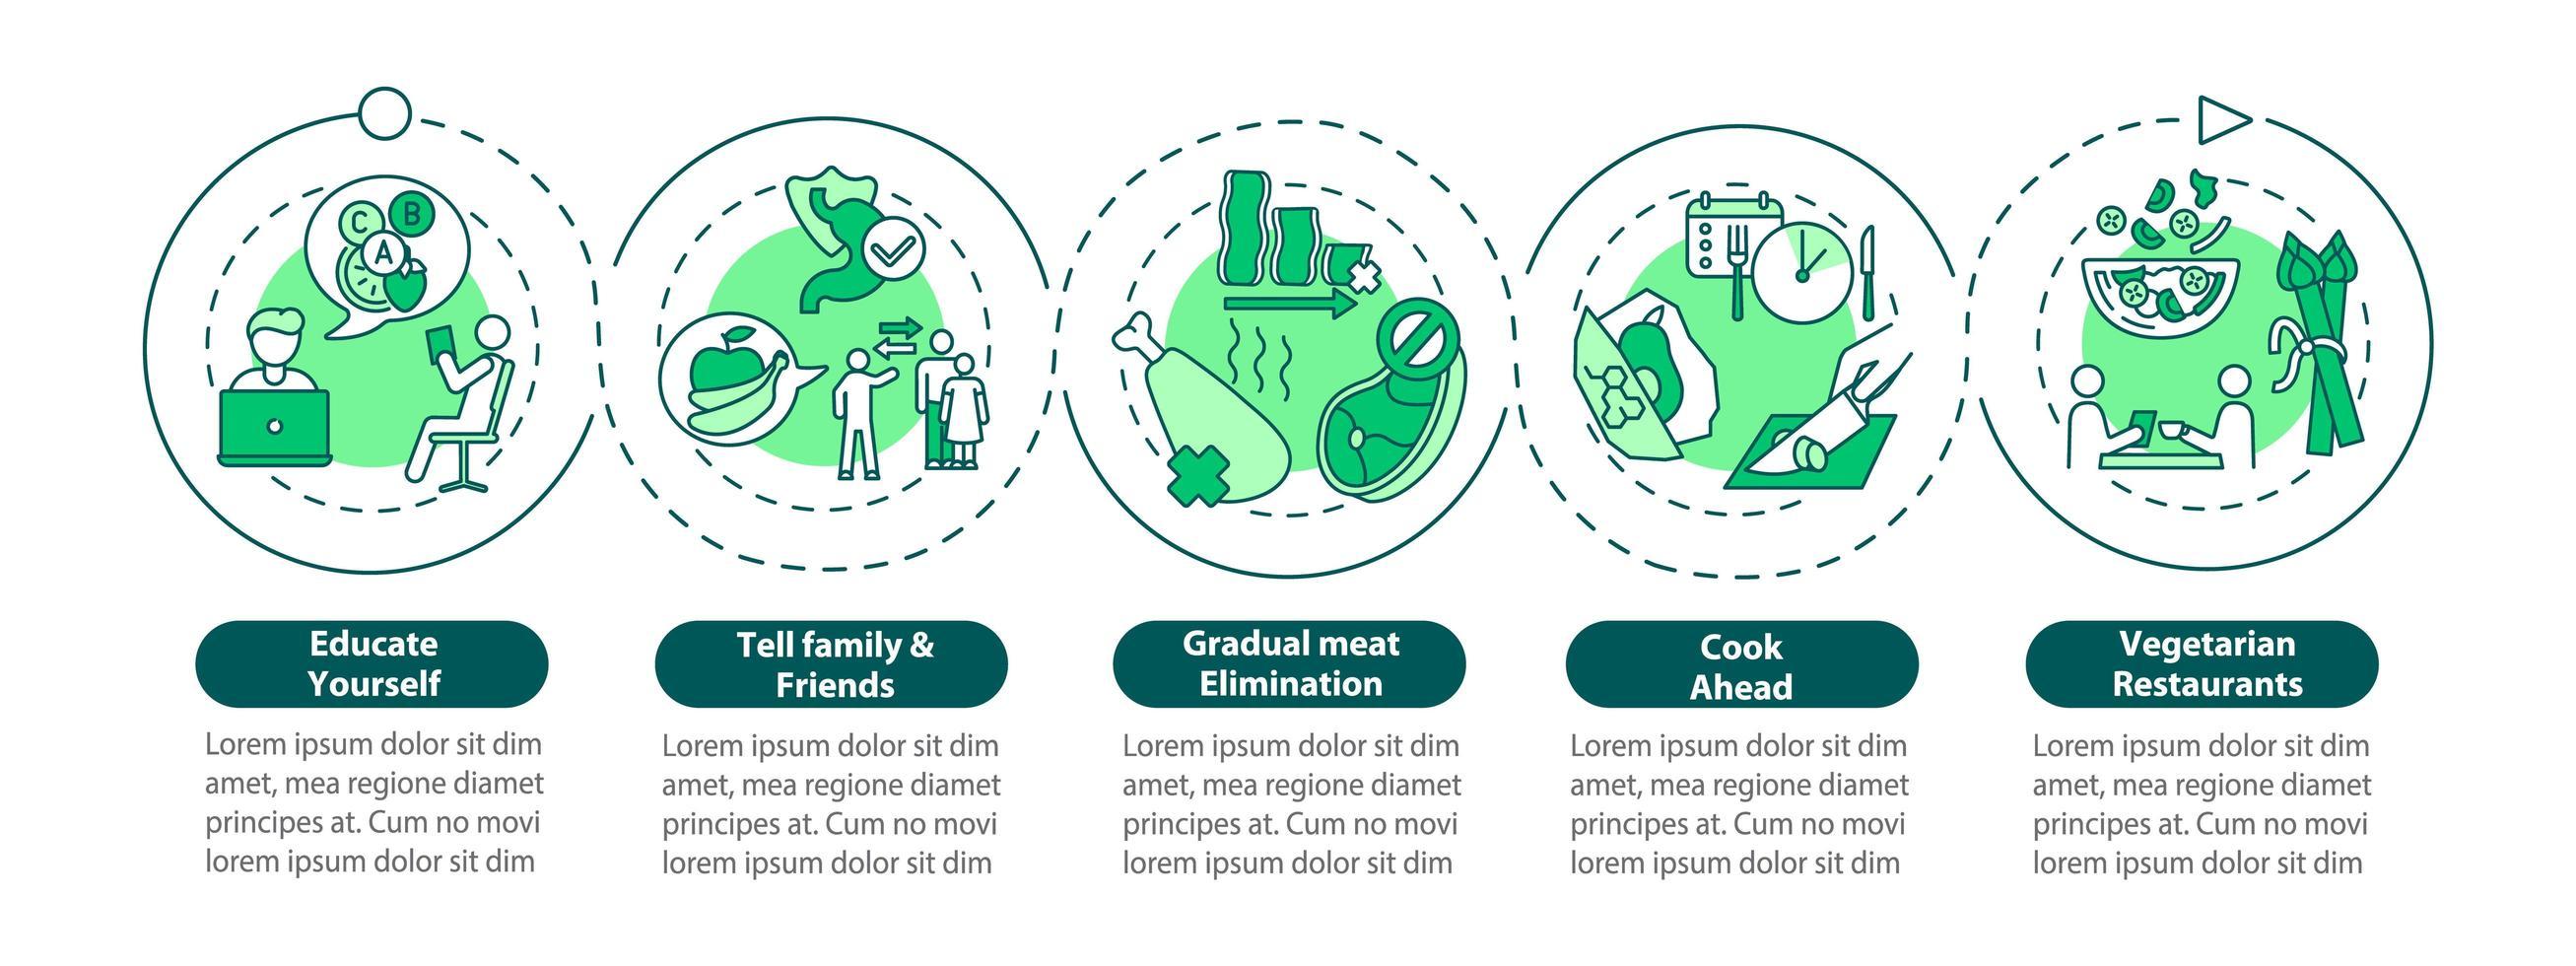 eine vegetarische, infografische Vorlage werden vektor